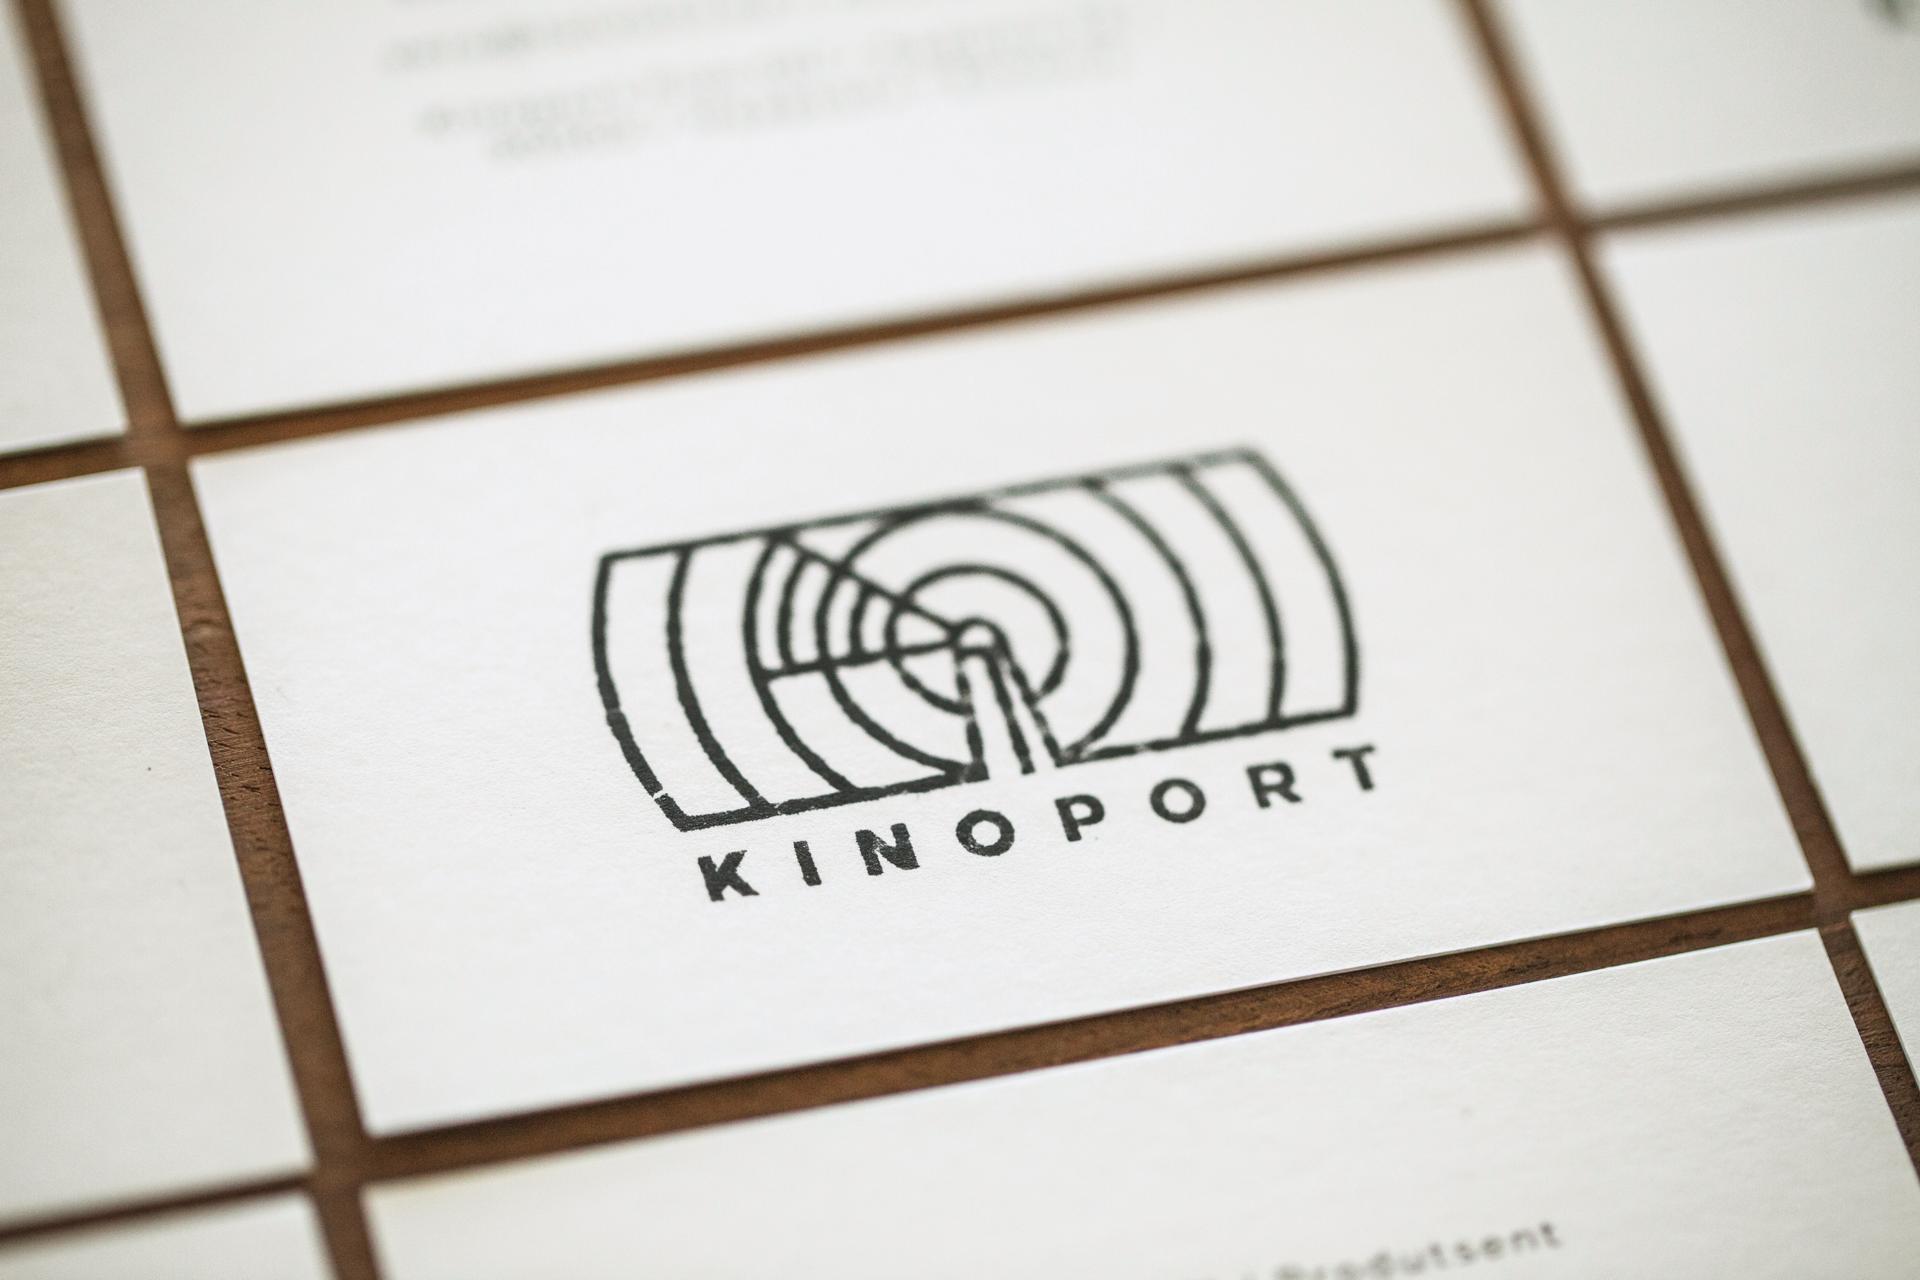 Kinoport-Foto-1-copy